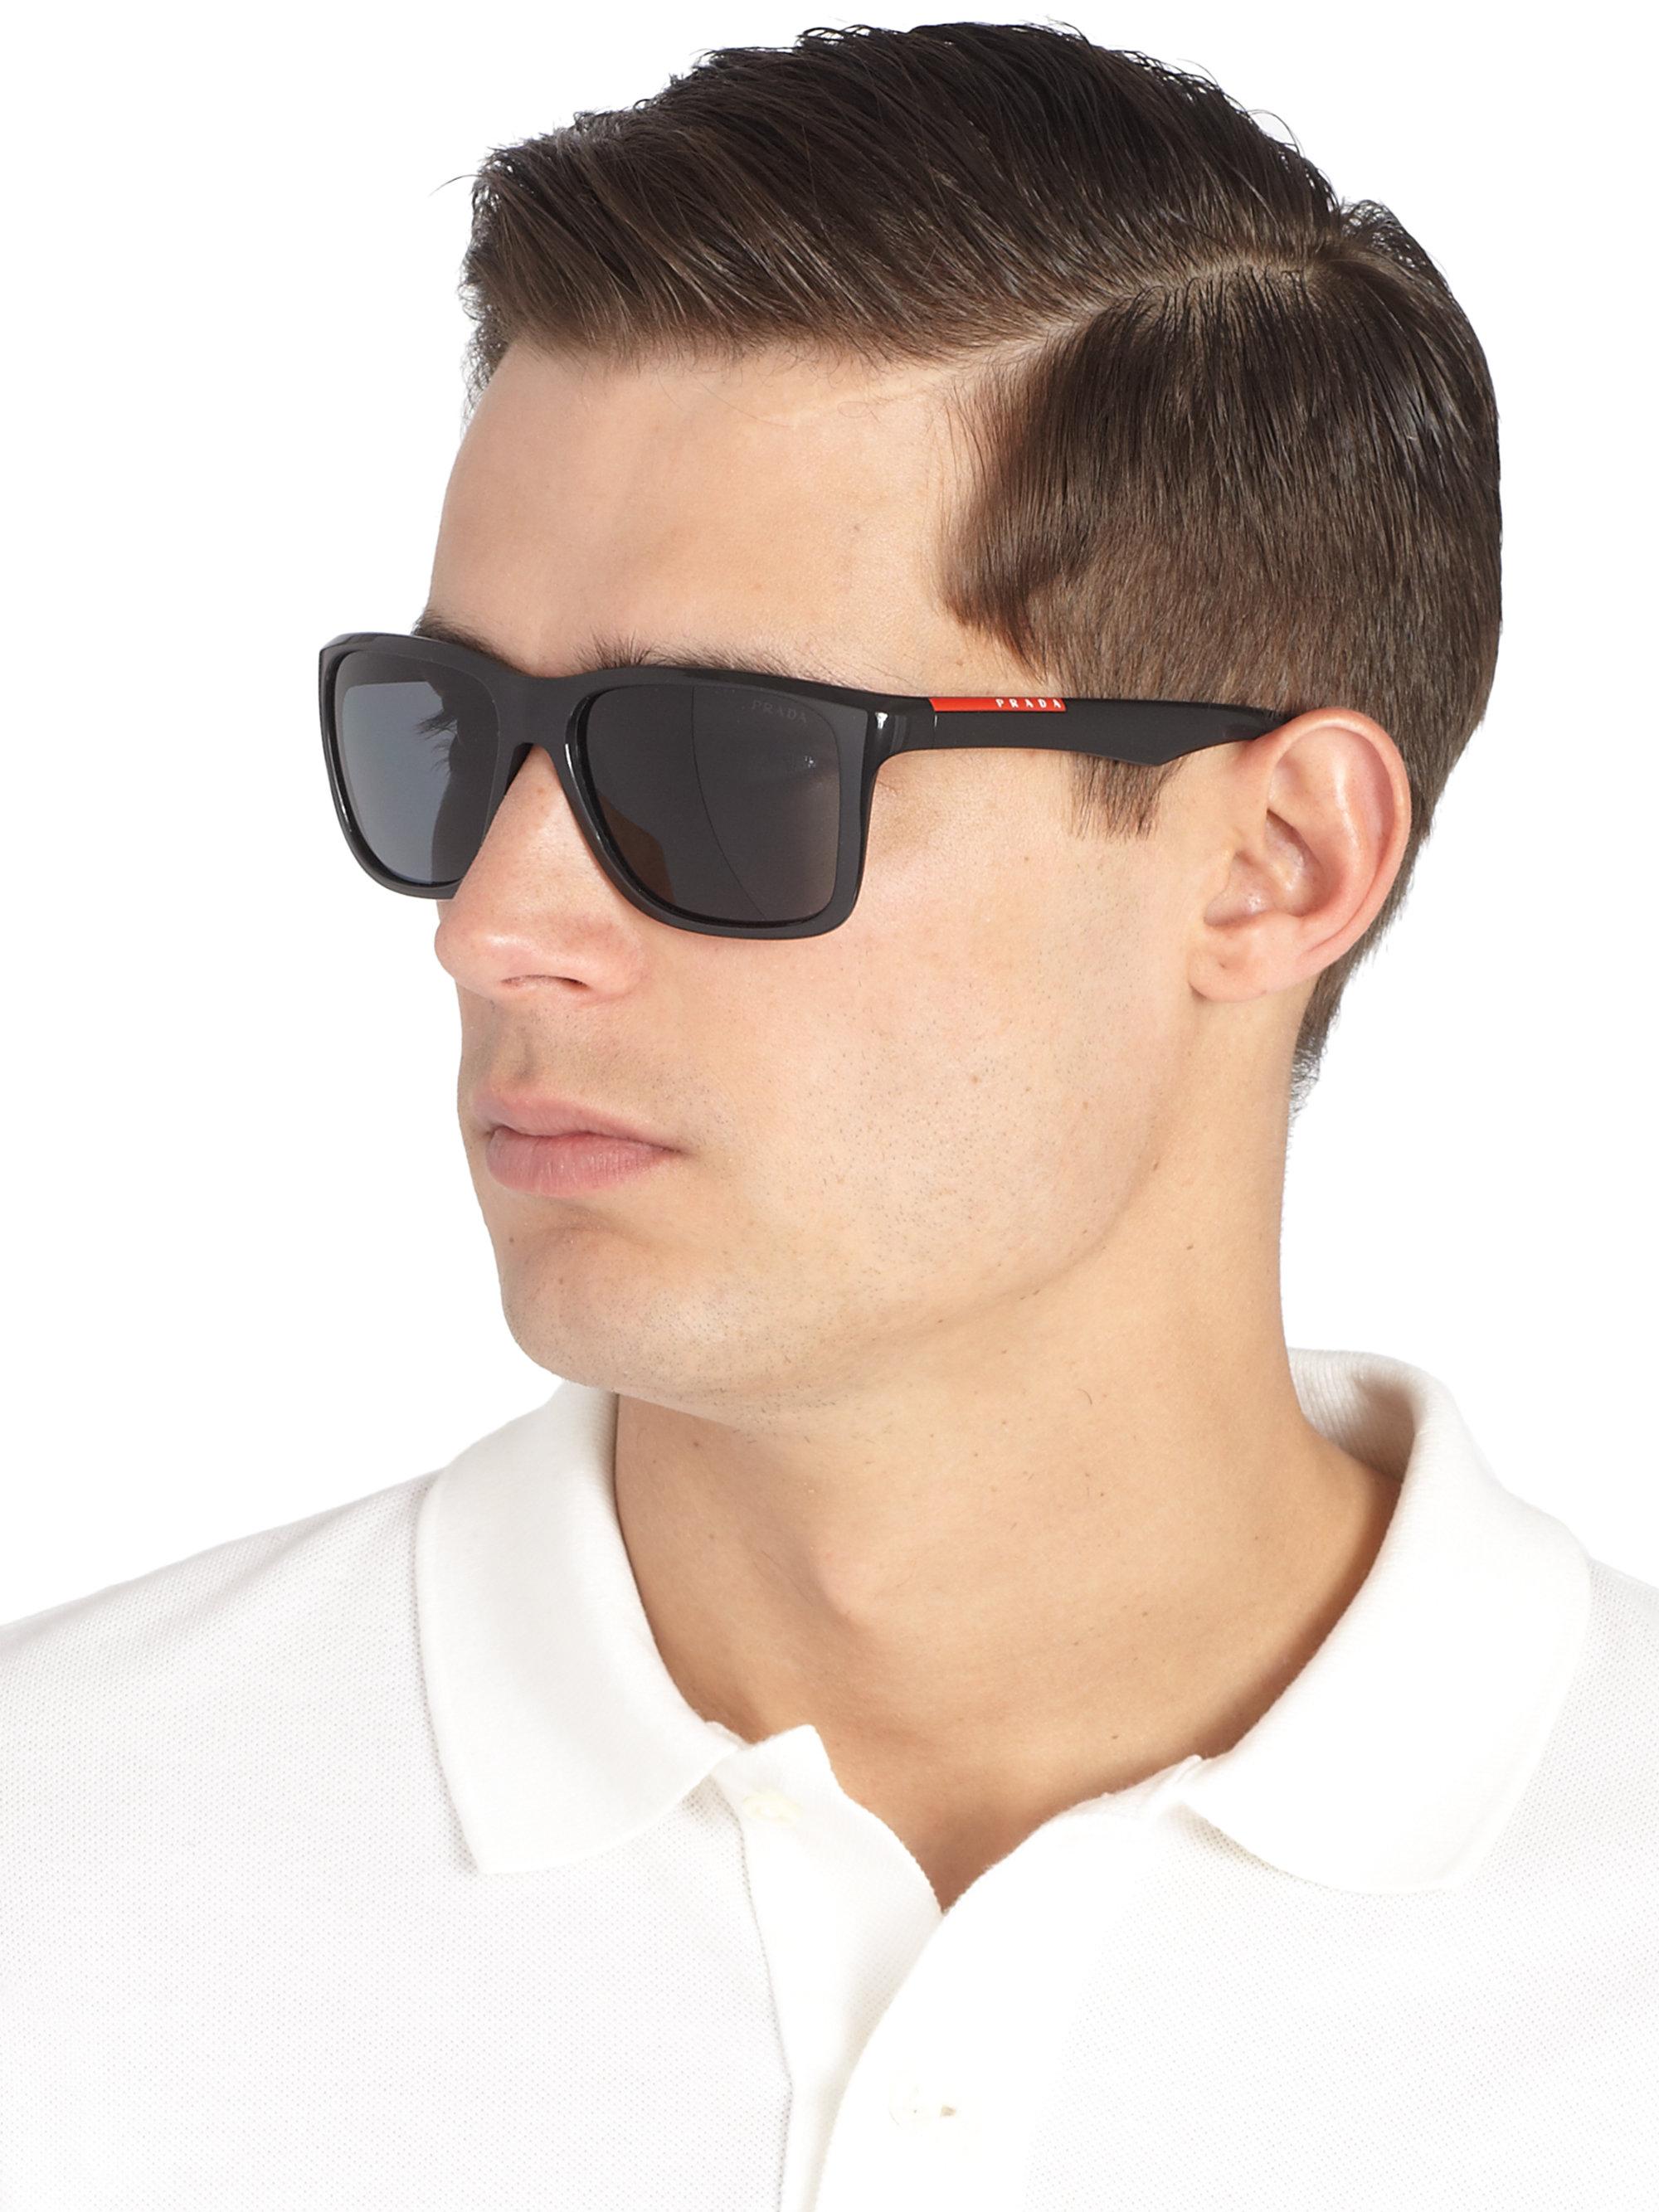 3610c32e668 ... uk lyst prada square aviator sunglasses in black for men e1f41 4e0f9